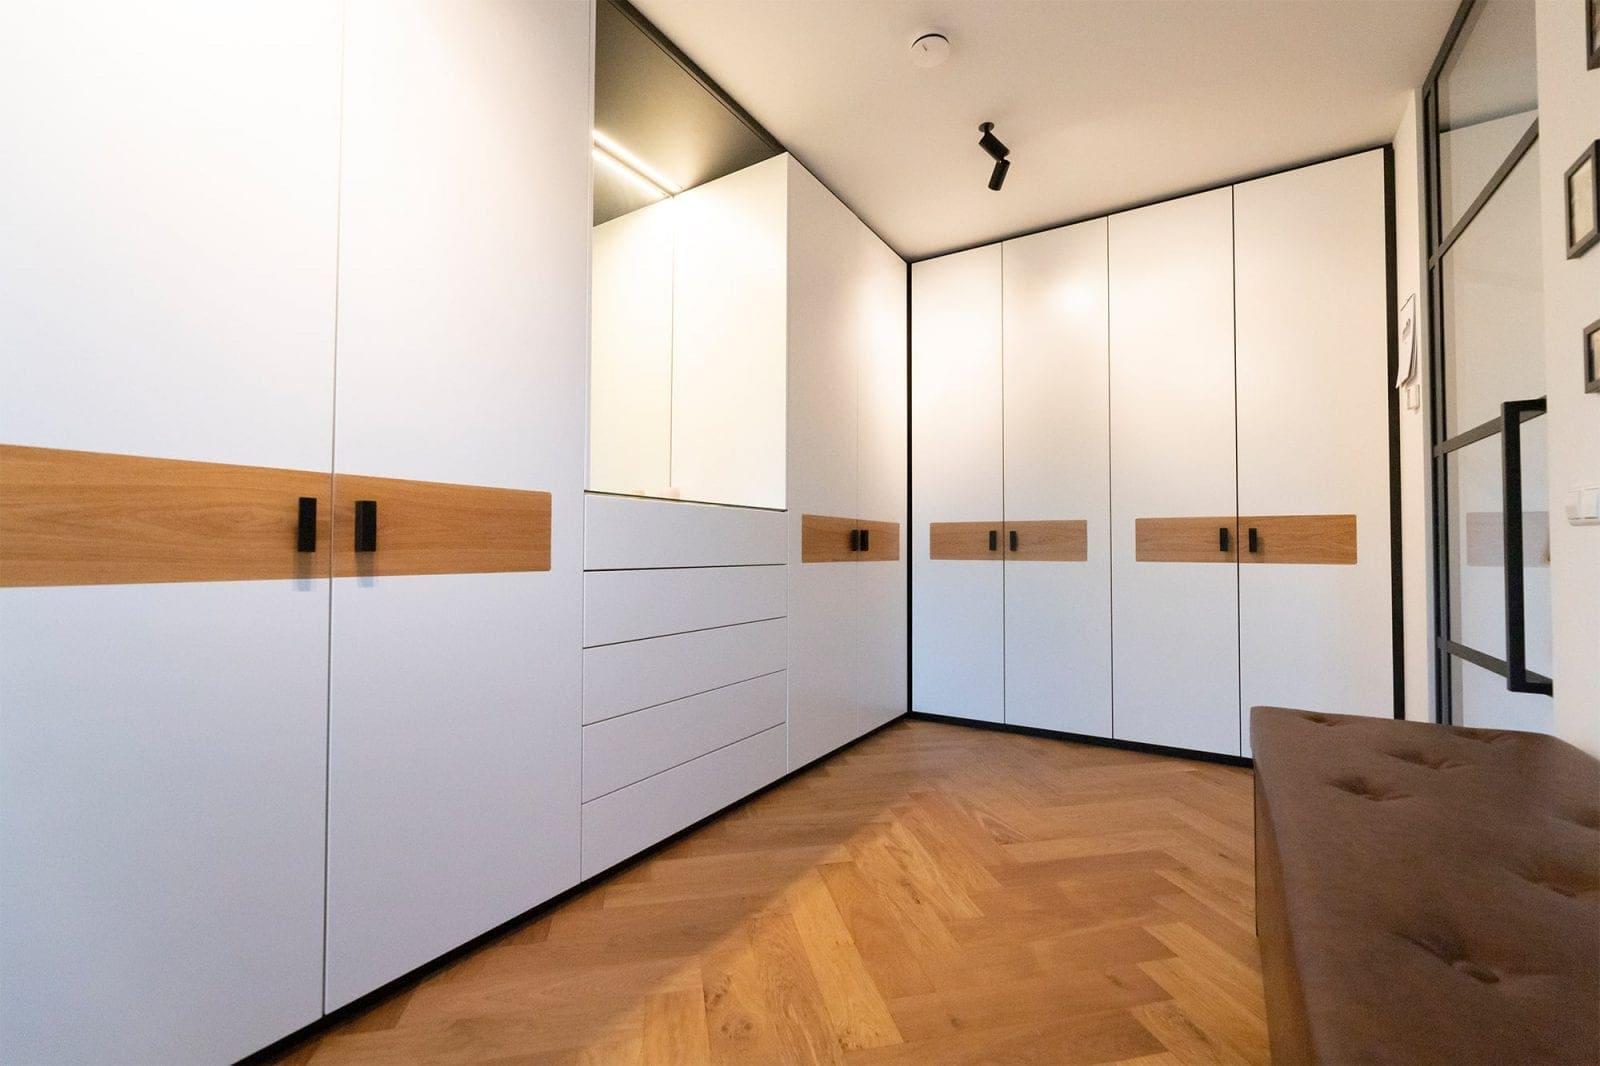 Interieurbouwer Papendrecht Hebben En Moderne Witte Keuken Gemaakt